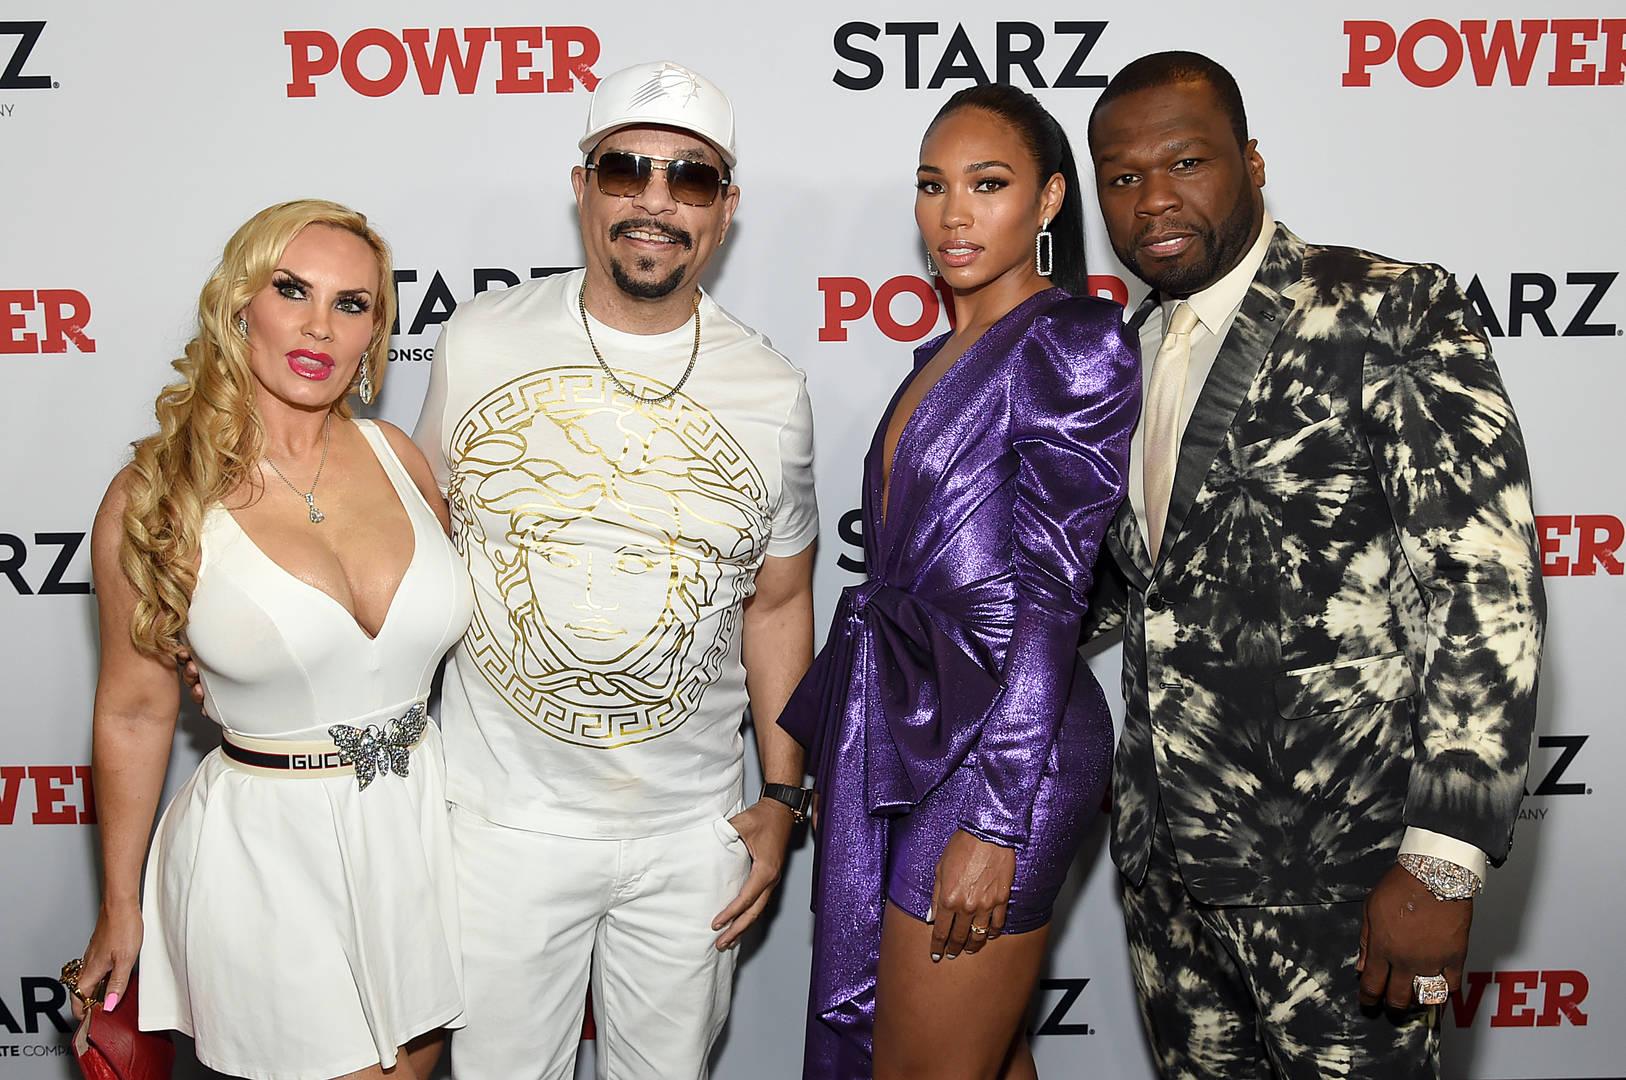 Ice-T, 50 Cent, Starz, Puissance, Bobby Shmurda, Rappeurs Gangsta, Le Jeu